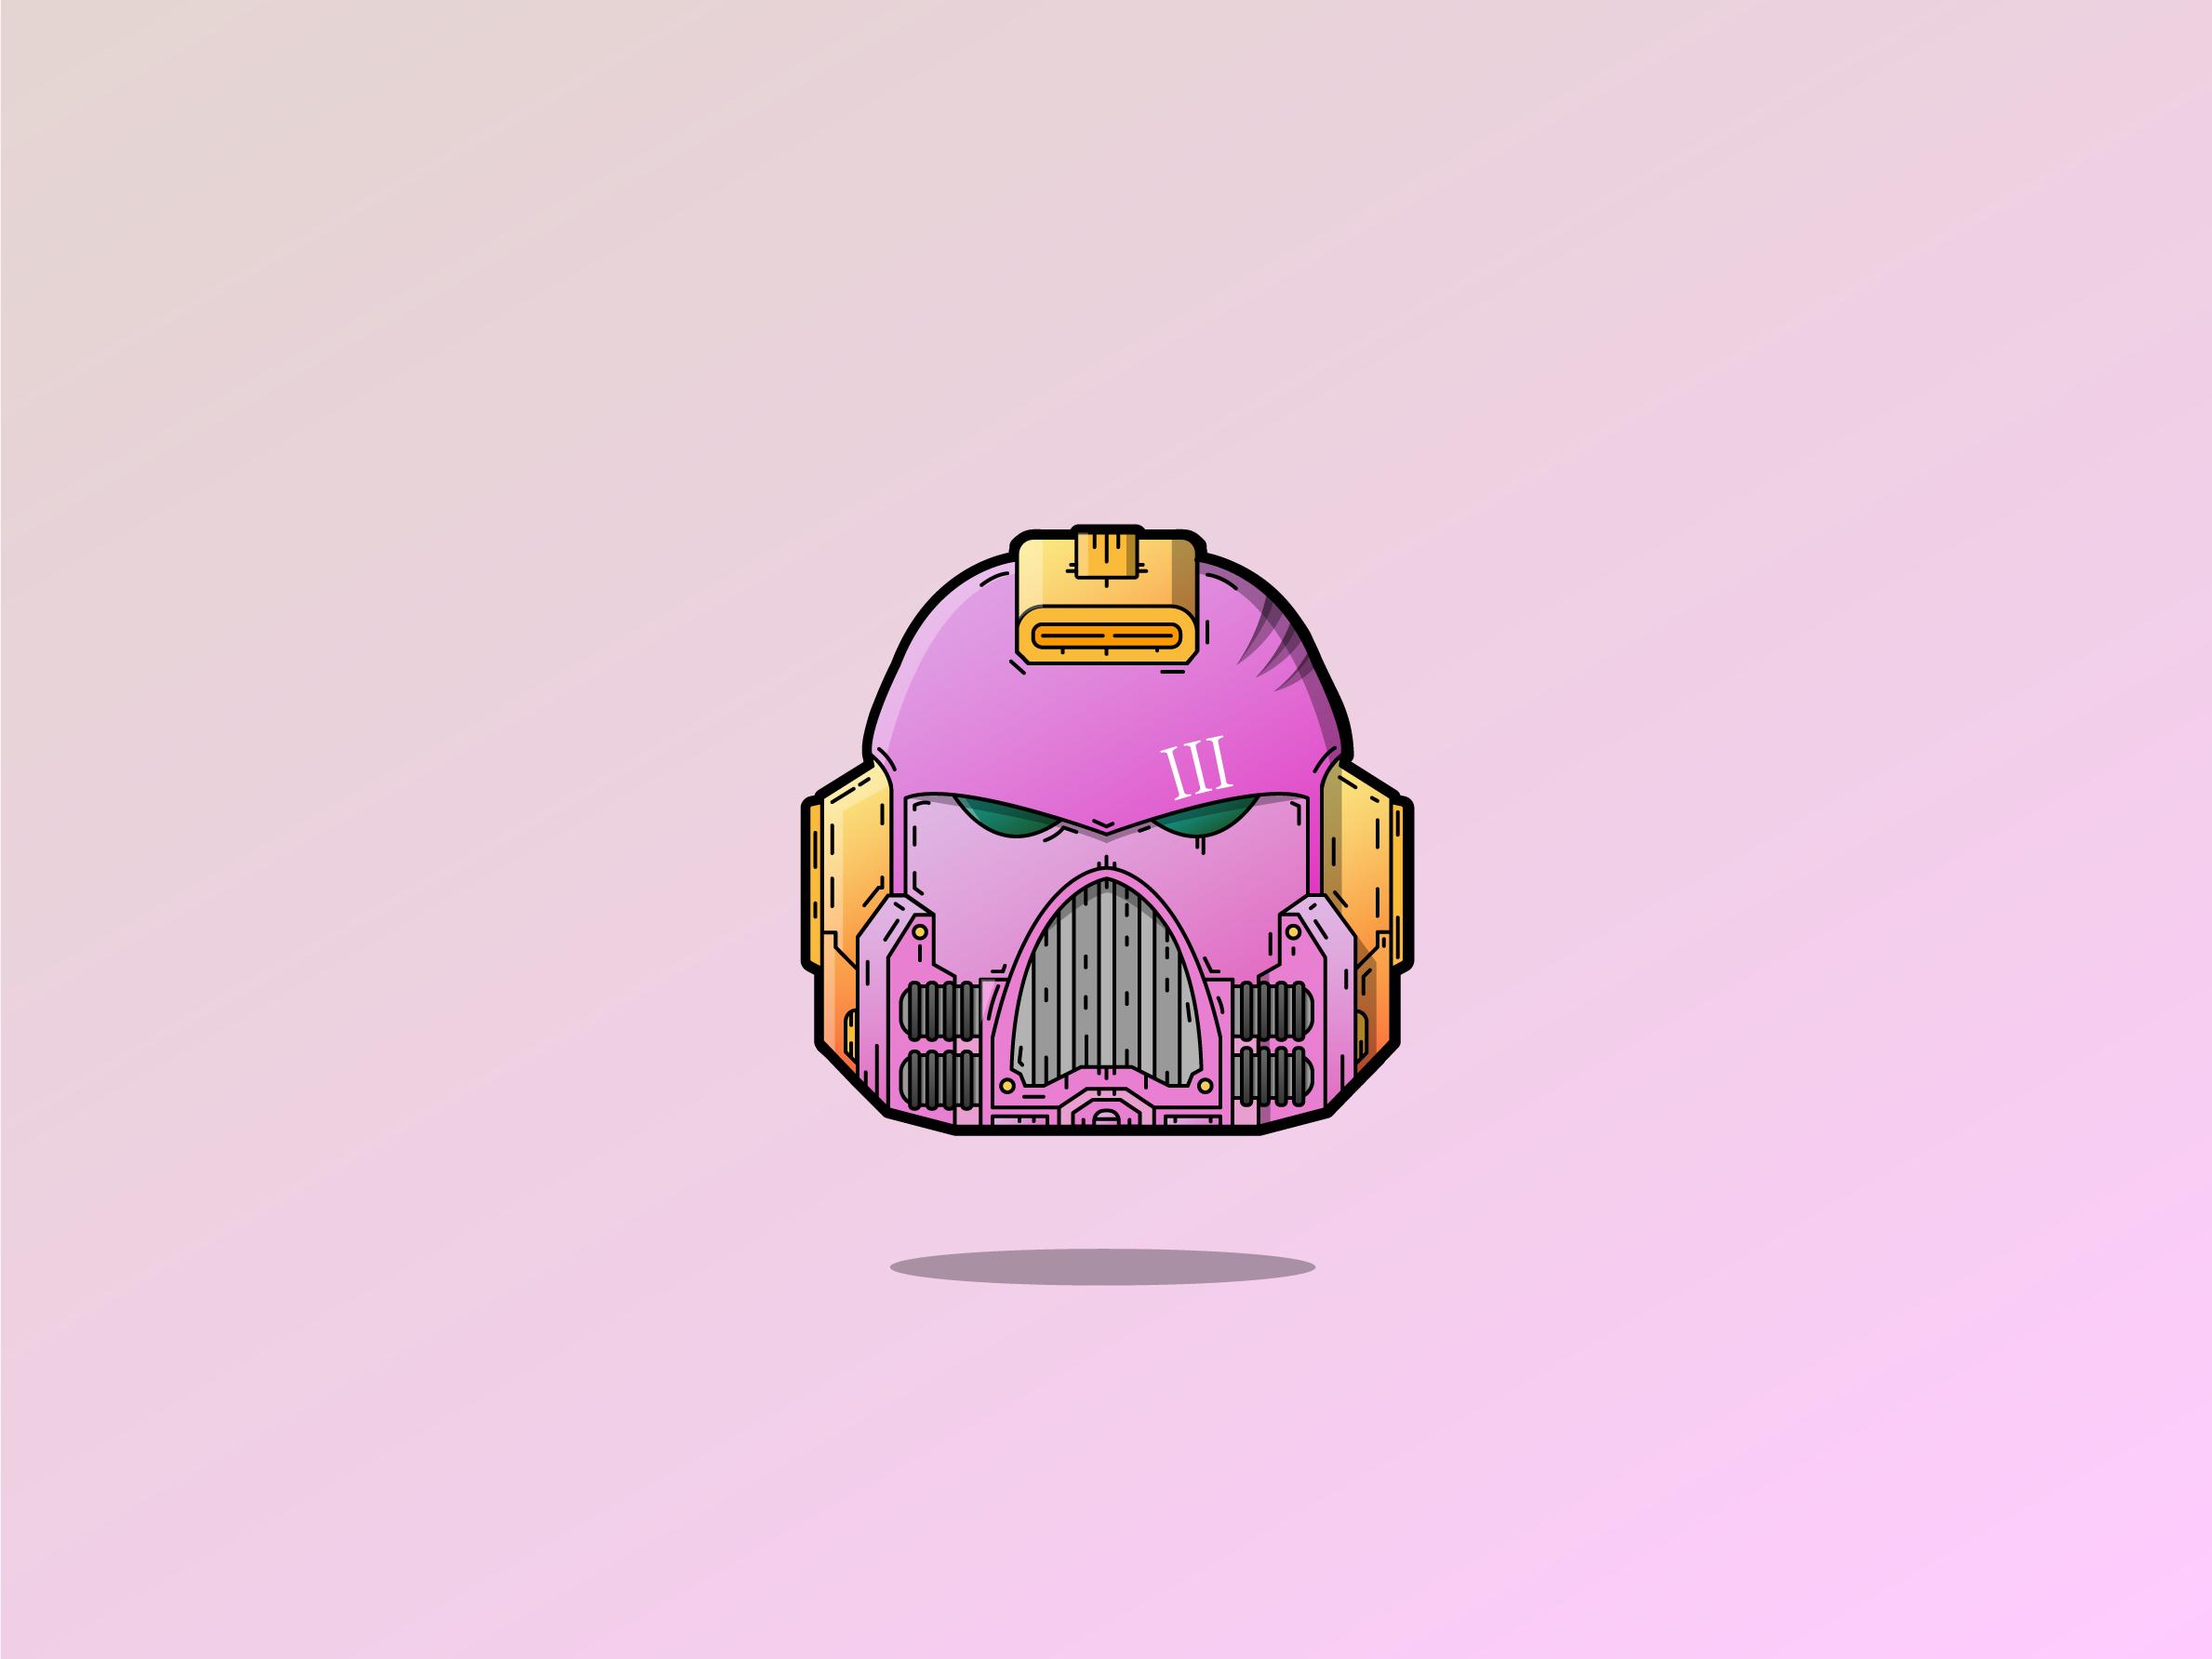 Spacemarine helmets